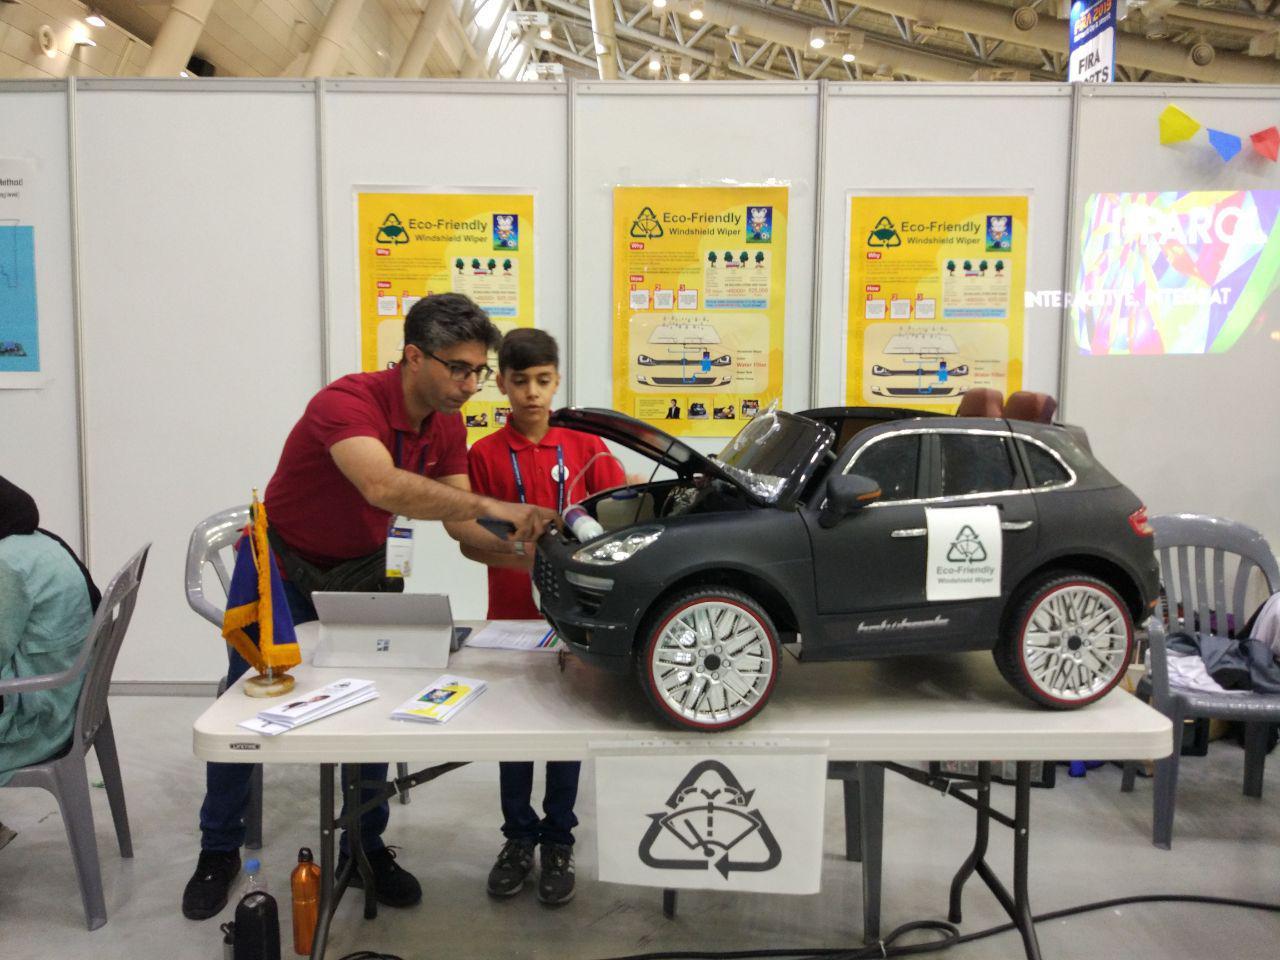 حضور جدی تیمهای ایرانی در مسابقات جهانی رباتیک کرهجنوبی/ایران میزبان مسابقات ۲۰۲۰ خواهد بود